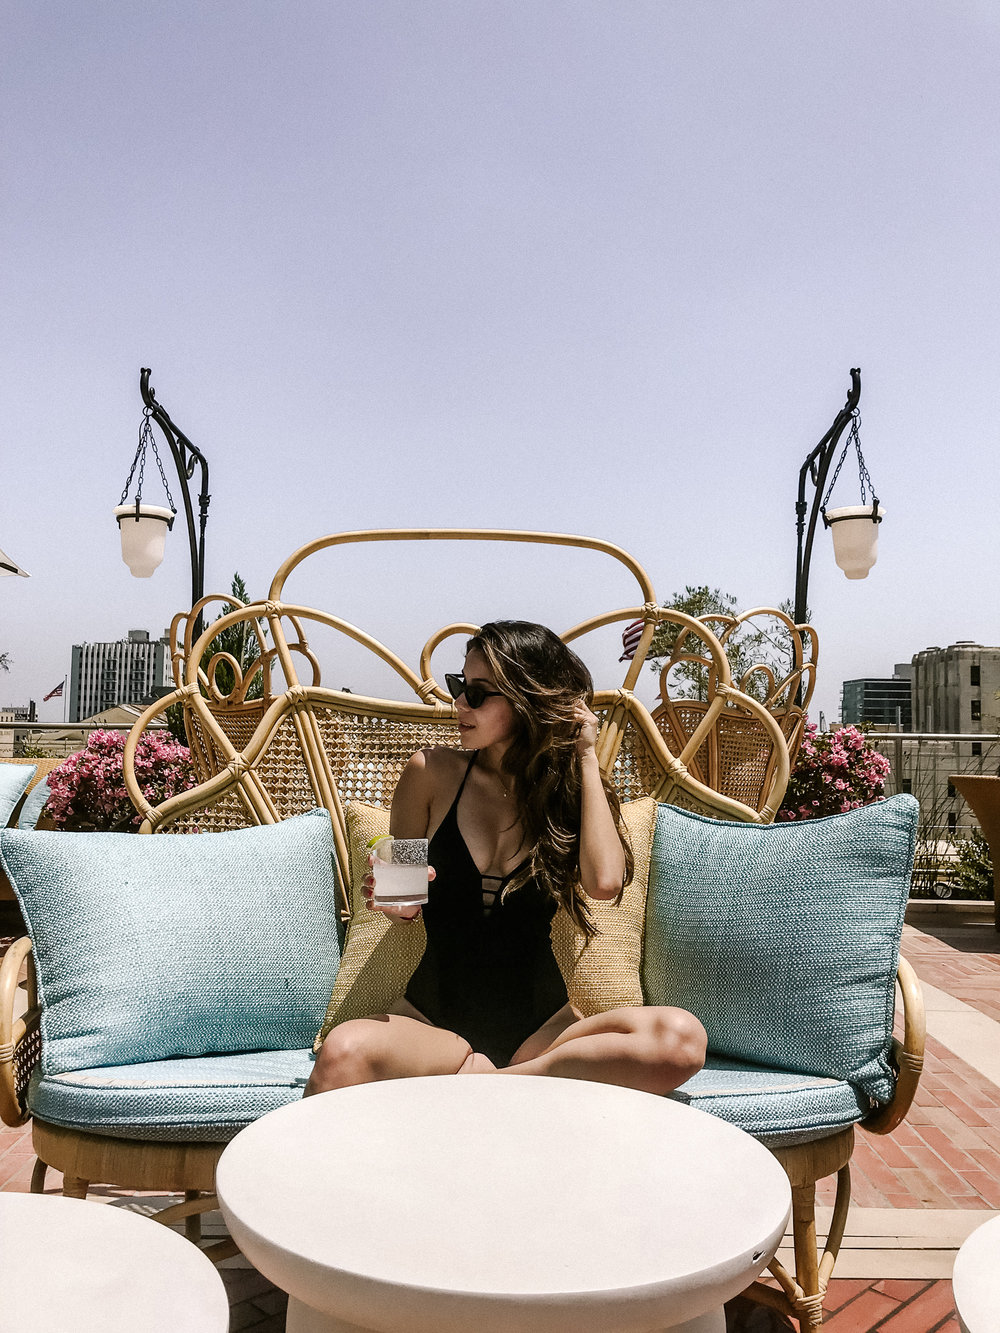 AshleyCampuzanoBlog_Nomad-Hotel_ACexplores_AshleyCampuzanoActress_@CampuzanoAshley_16.jpg